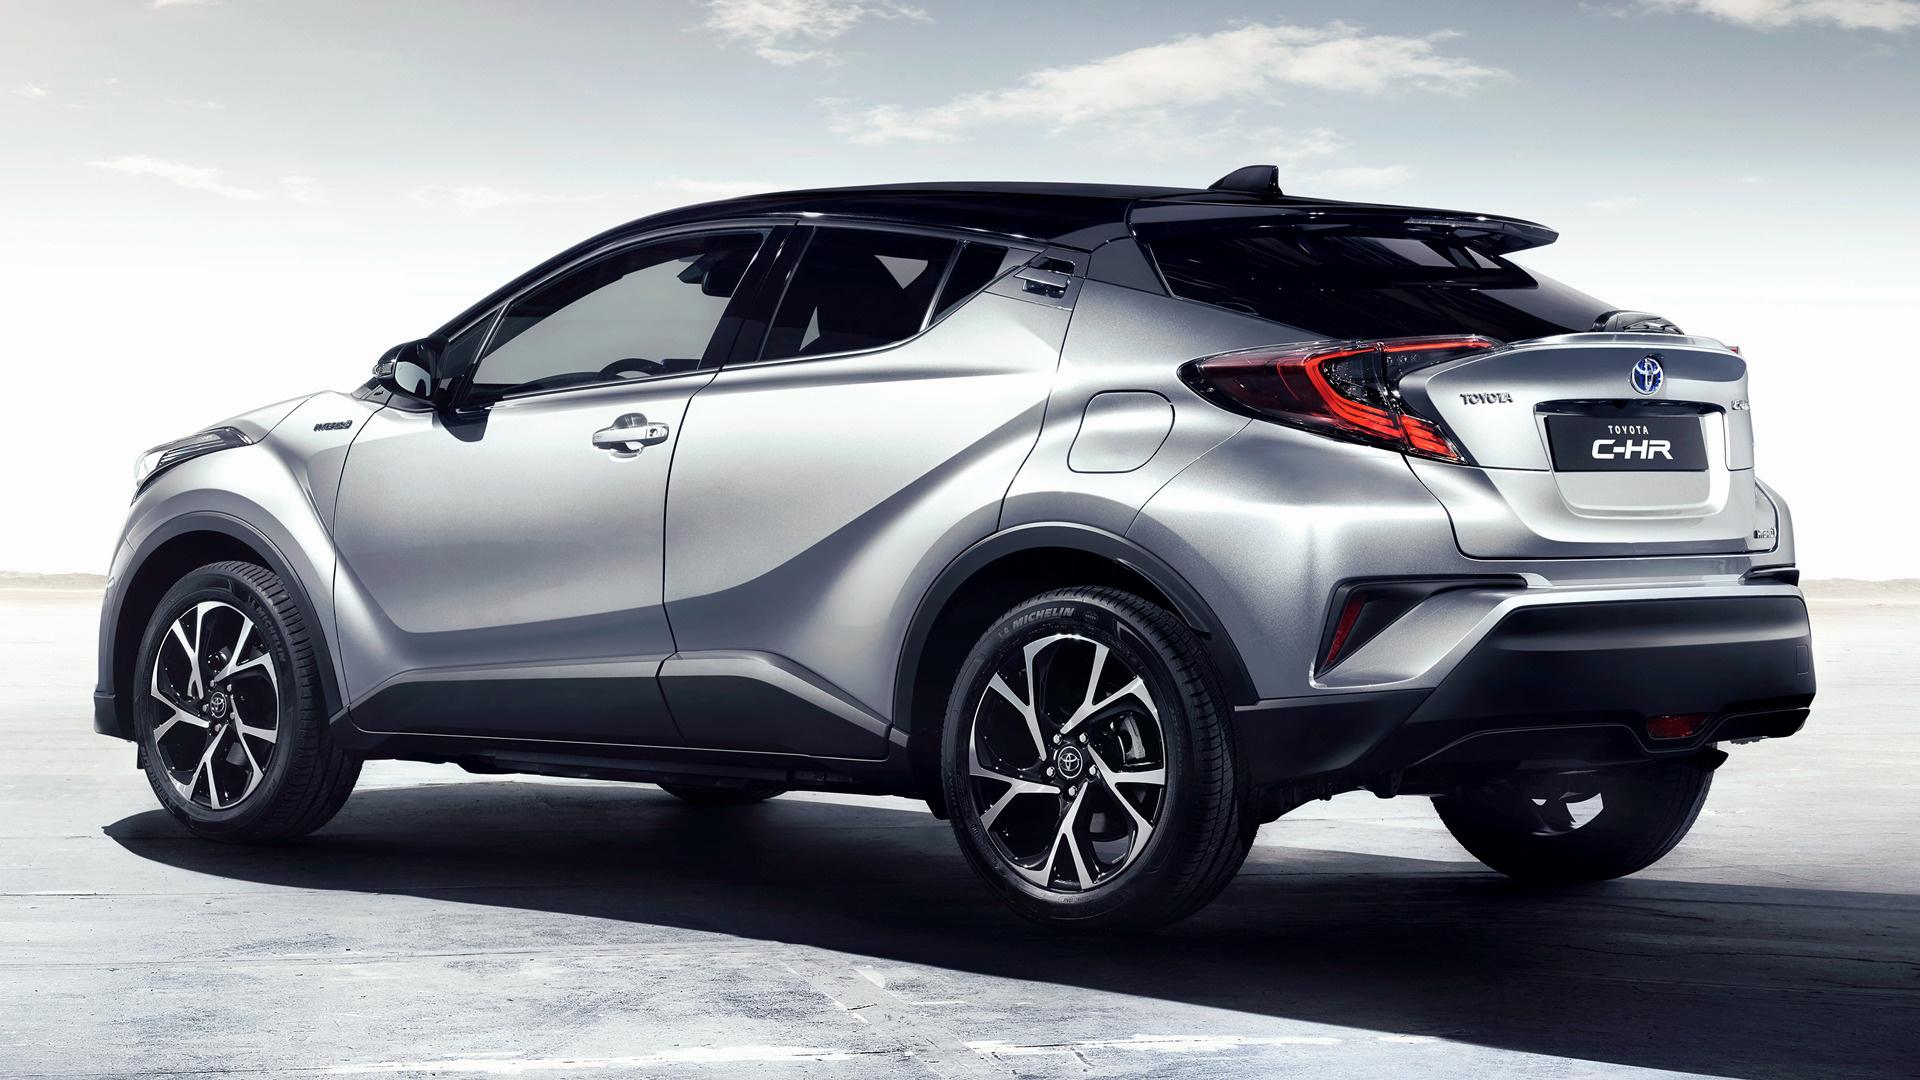 2016 toyota c-hr hybrid